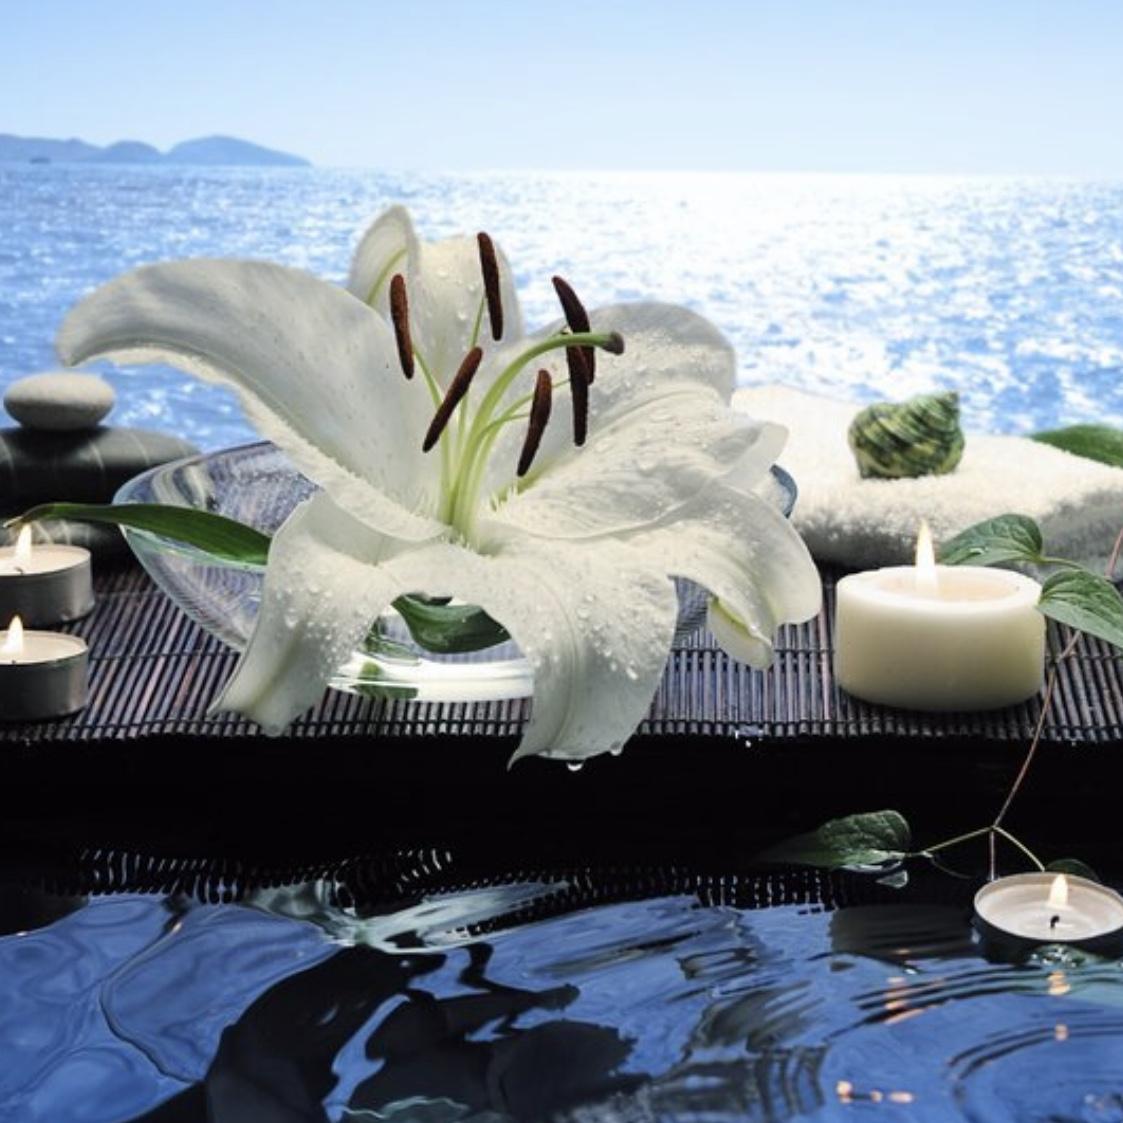 Massage Appetizers - AromatherapyFace & Scalp MassageHot Towel Wipe DownHand / Foot Body Scrub